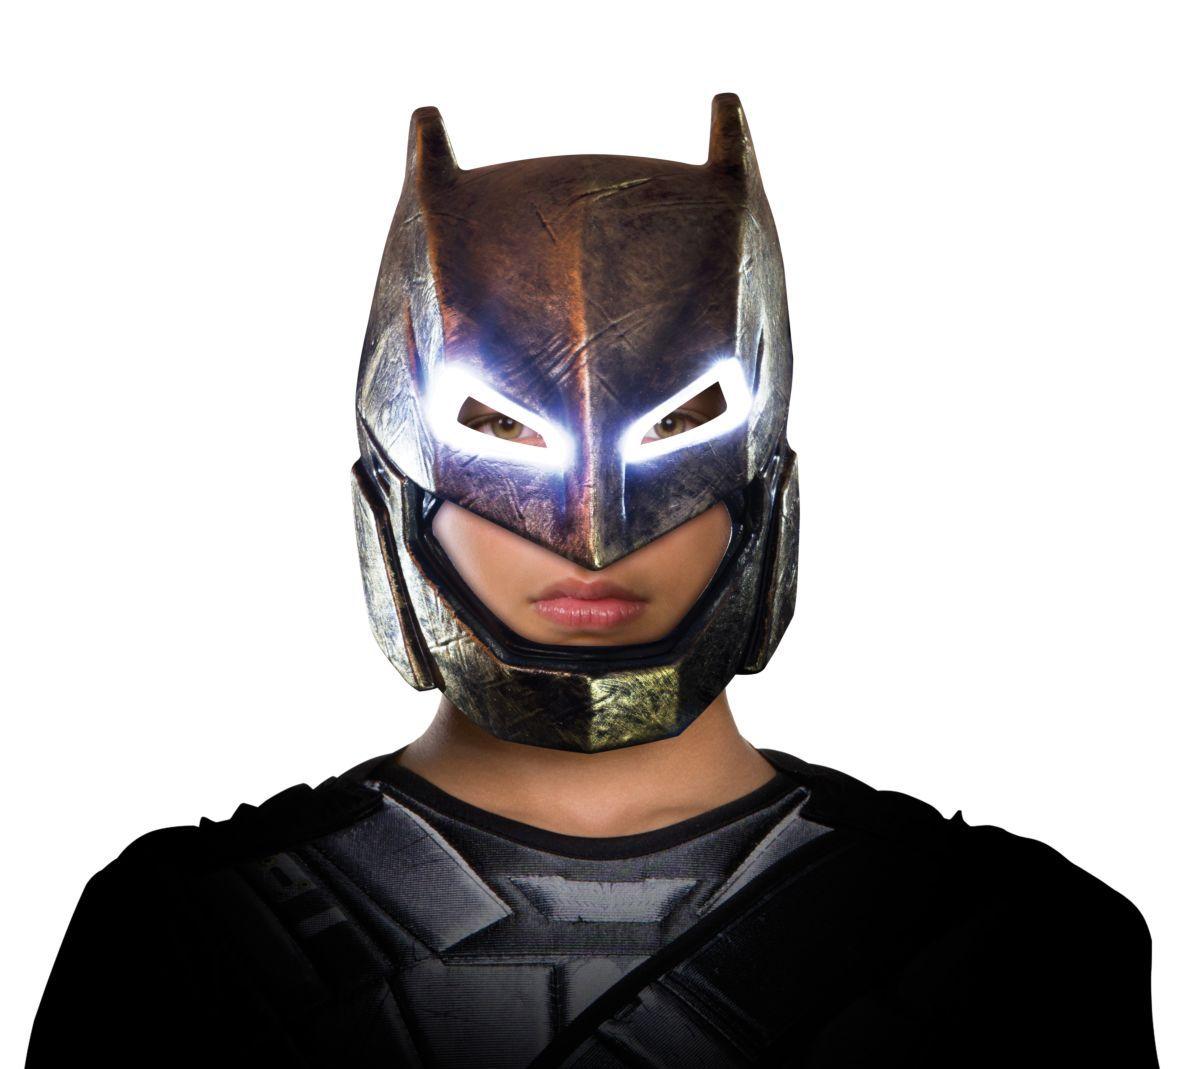 Máscara Batman (Armored): Batman vs Superman: A Origem da Justiça - Rubies Costumes - CD